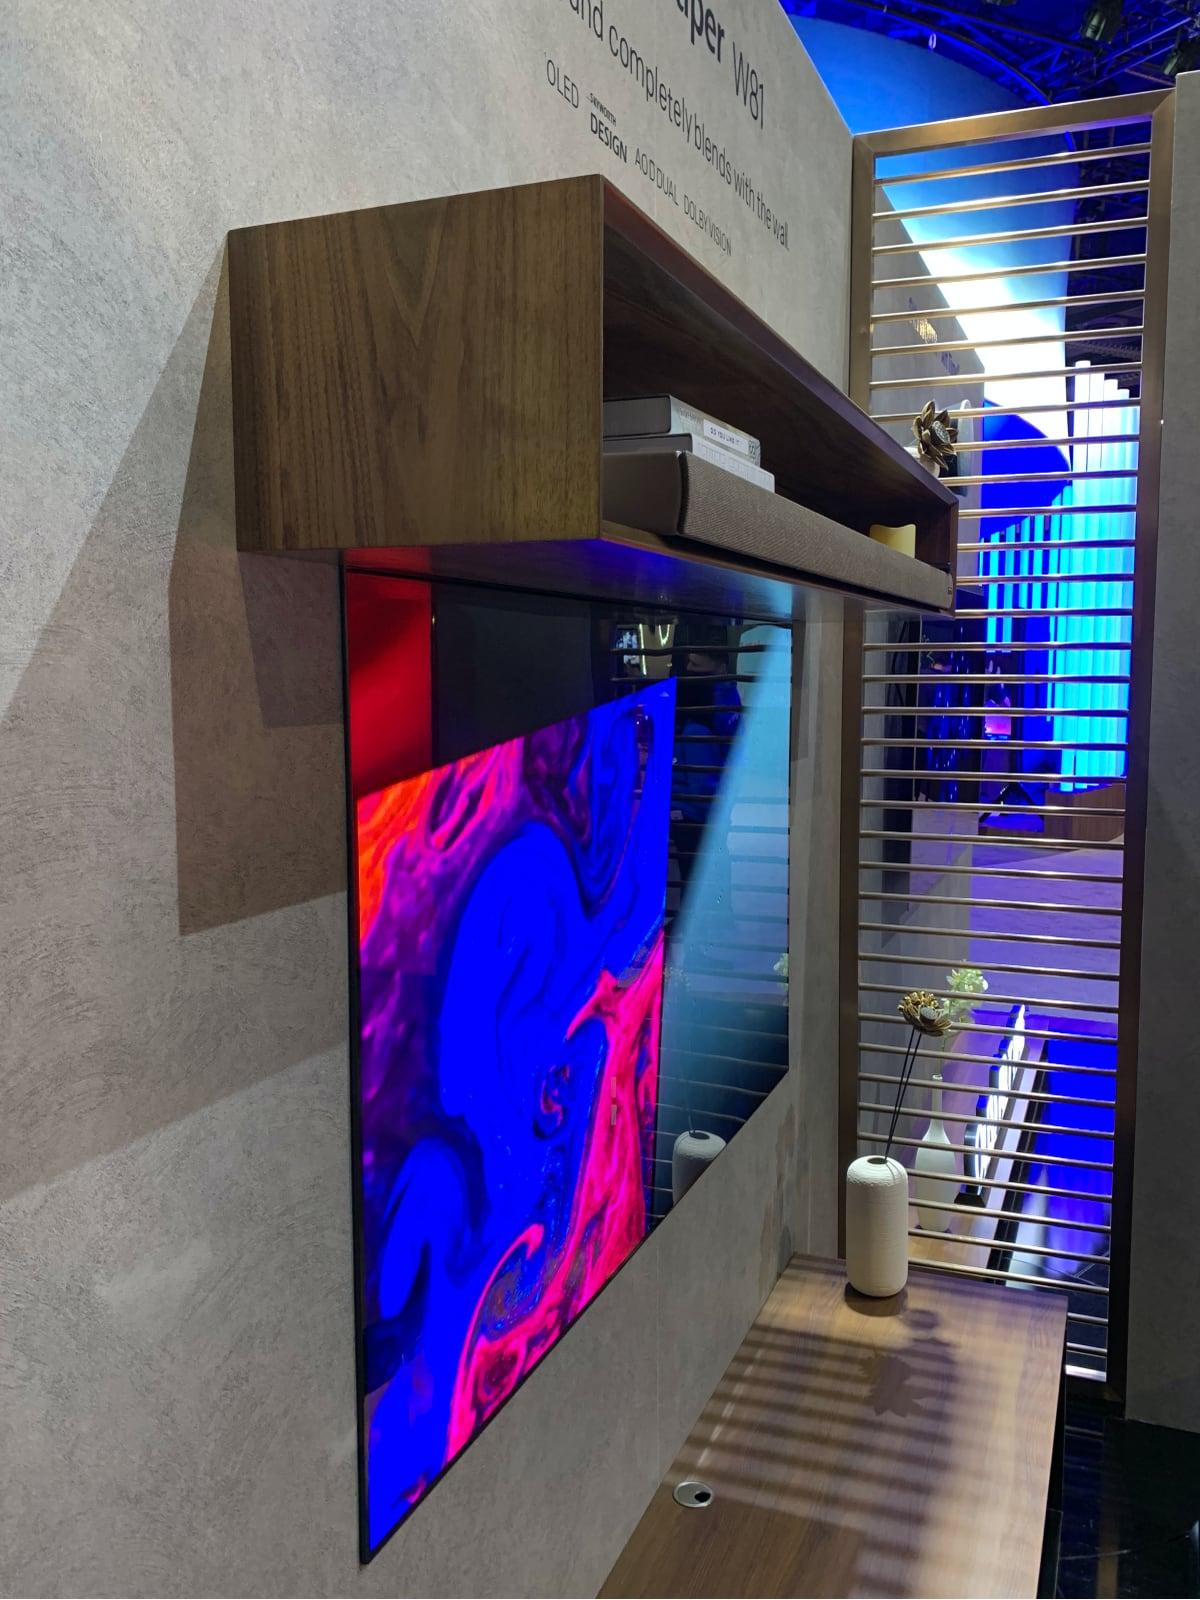 Skyworth wallpaper OLED TV